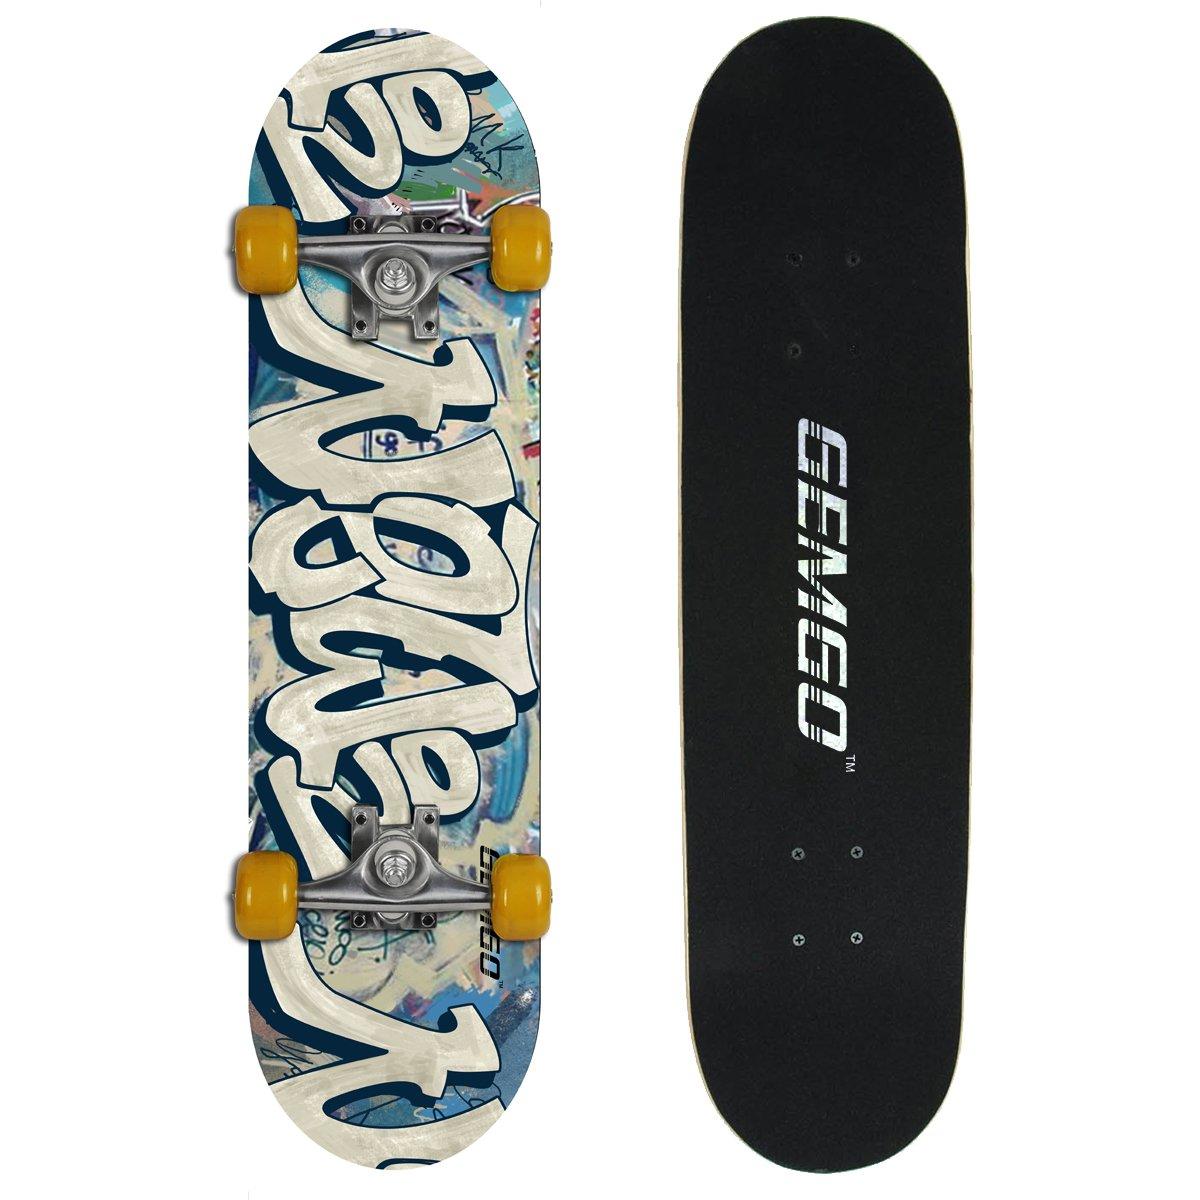 Gemgo capas de arce skateboards robusto con el patrón del Doodle